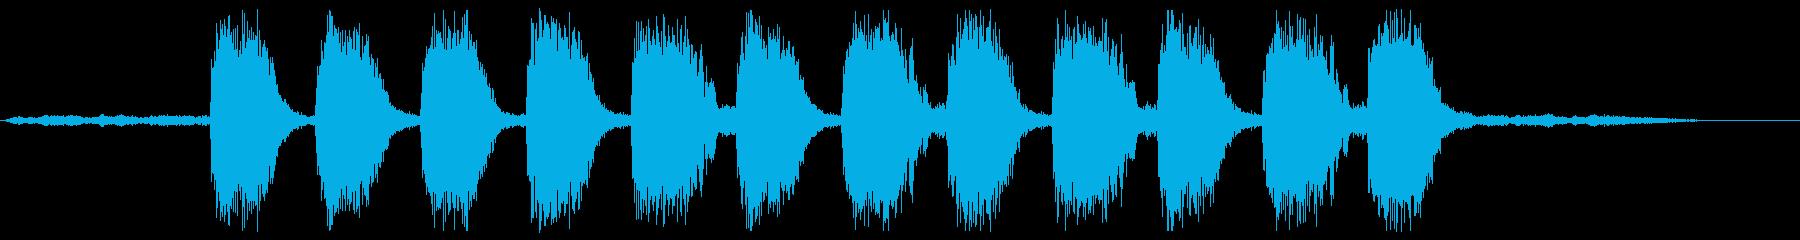 深海もしくは宇宙または恐怖の再生済みの波形